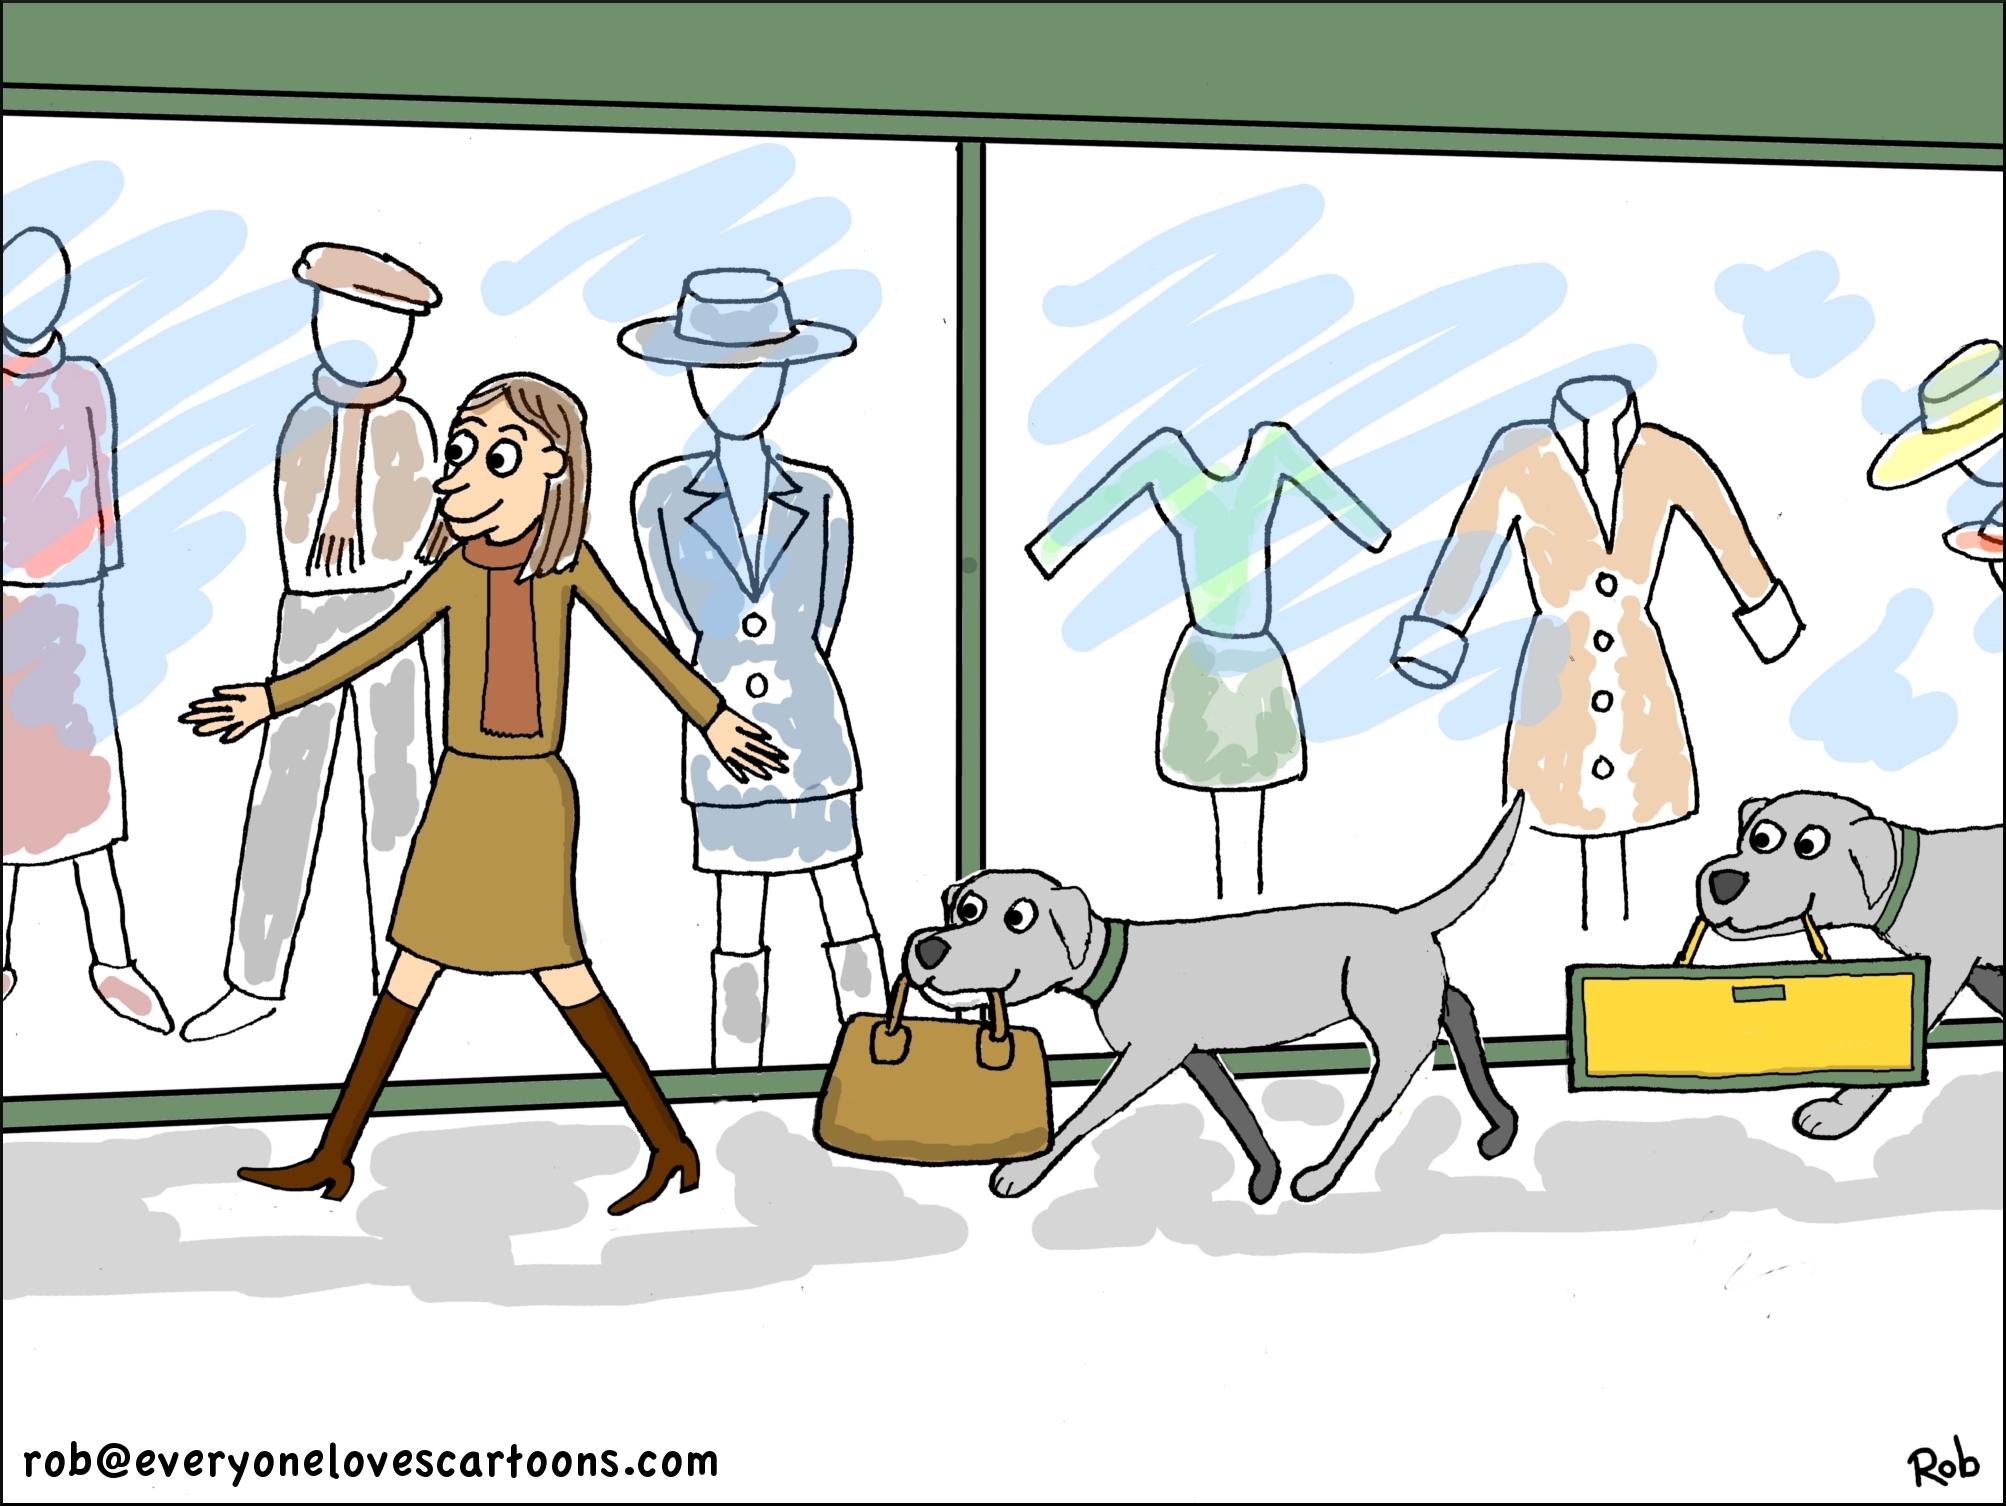 dog-carrying-bag-cartoon